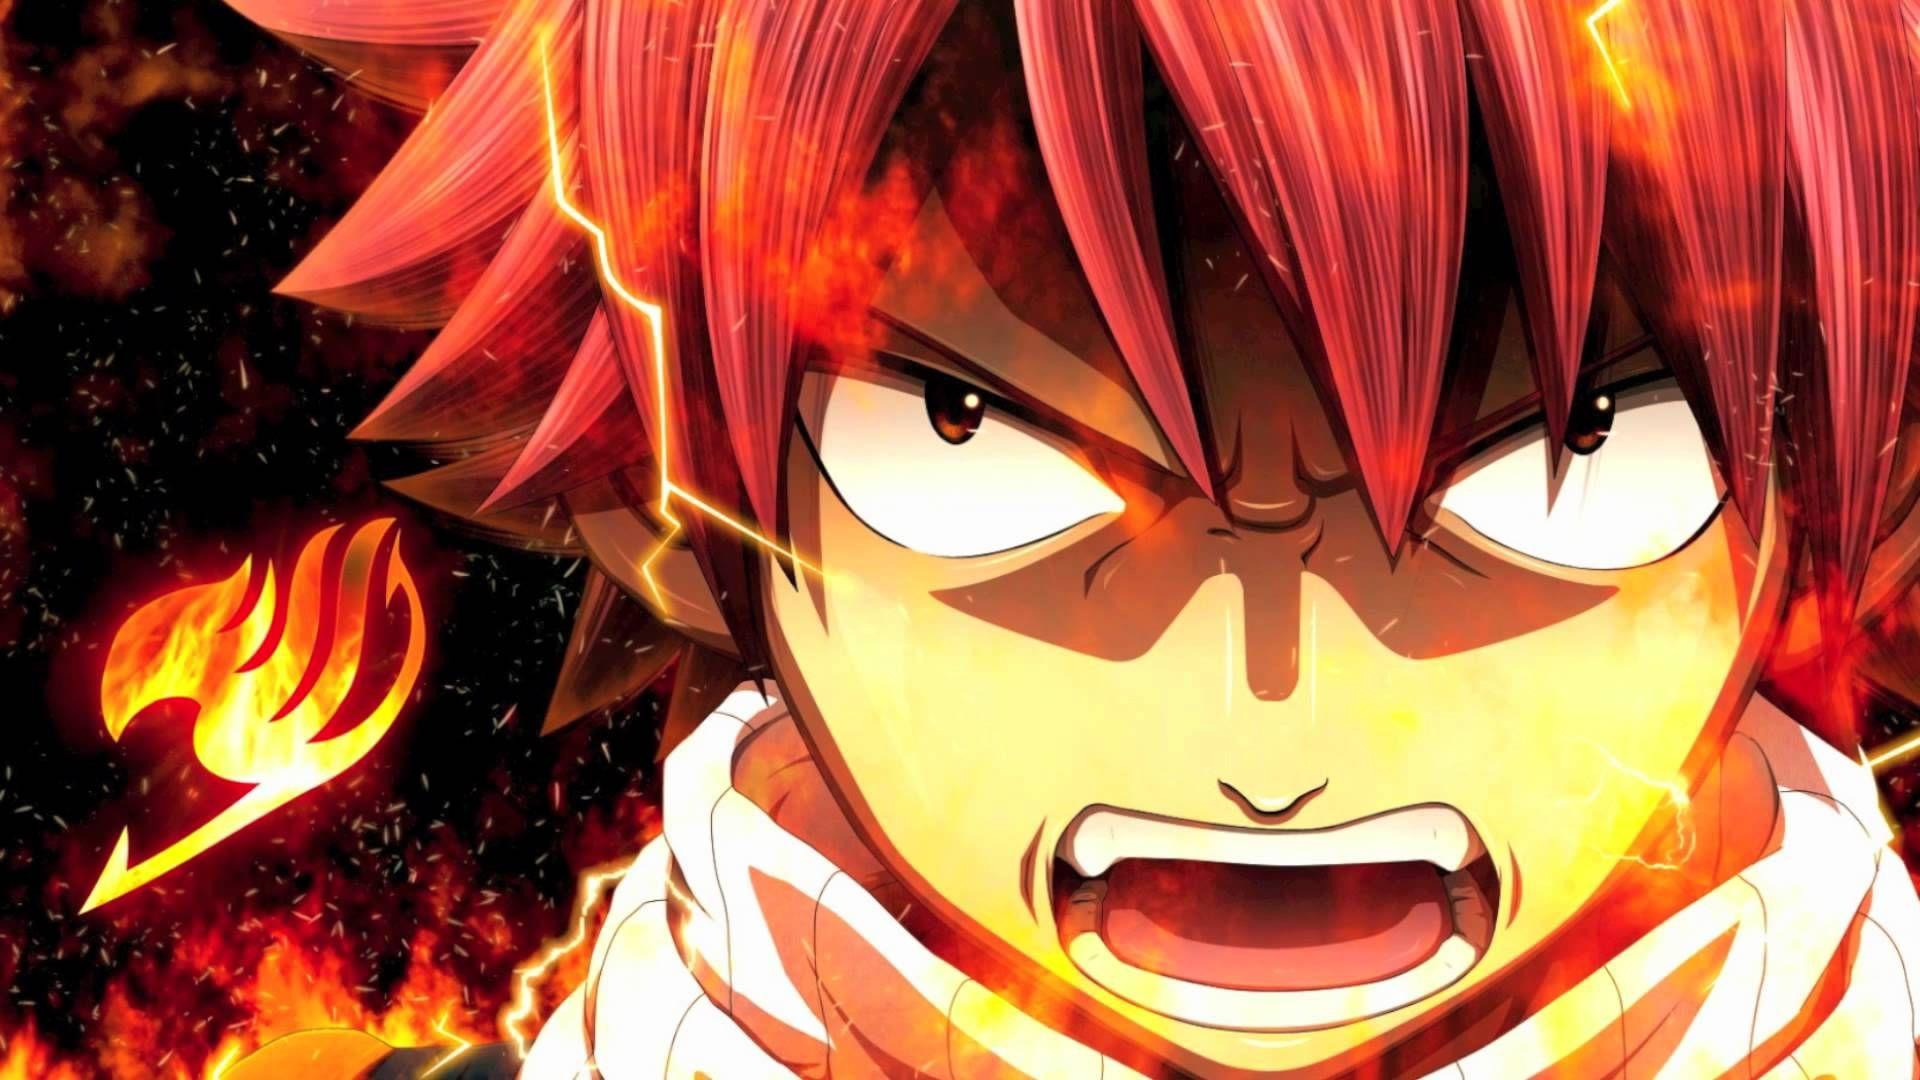 Google themes kpop - Contos Pesquisa Google Fada Cauda Manga Conto De Fadas Anime Contos De Fadas Fairy Tail Natsu Fadas Rel Gios Wallpapers